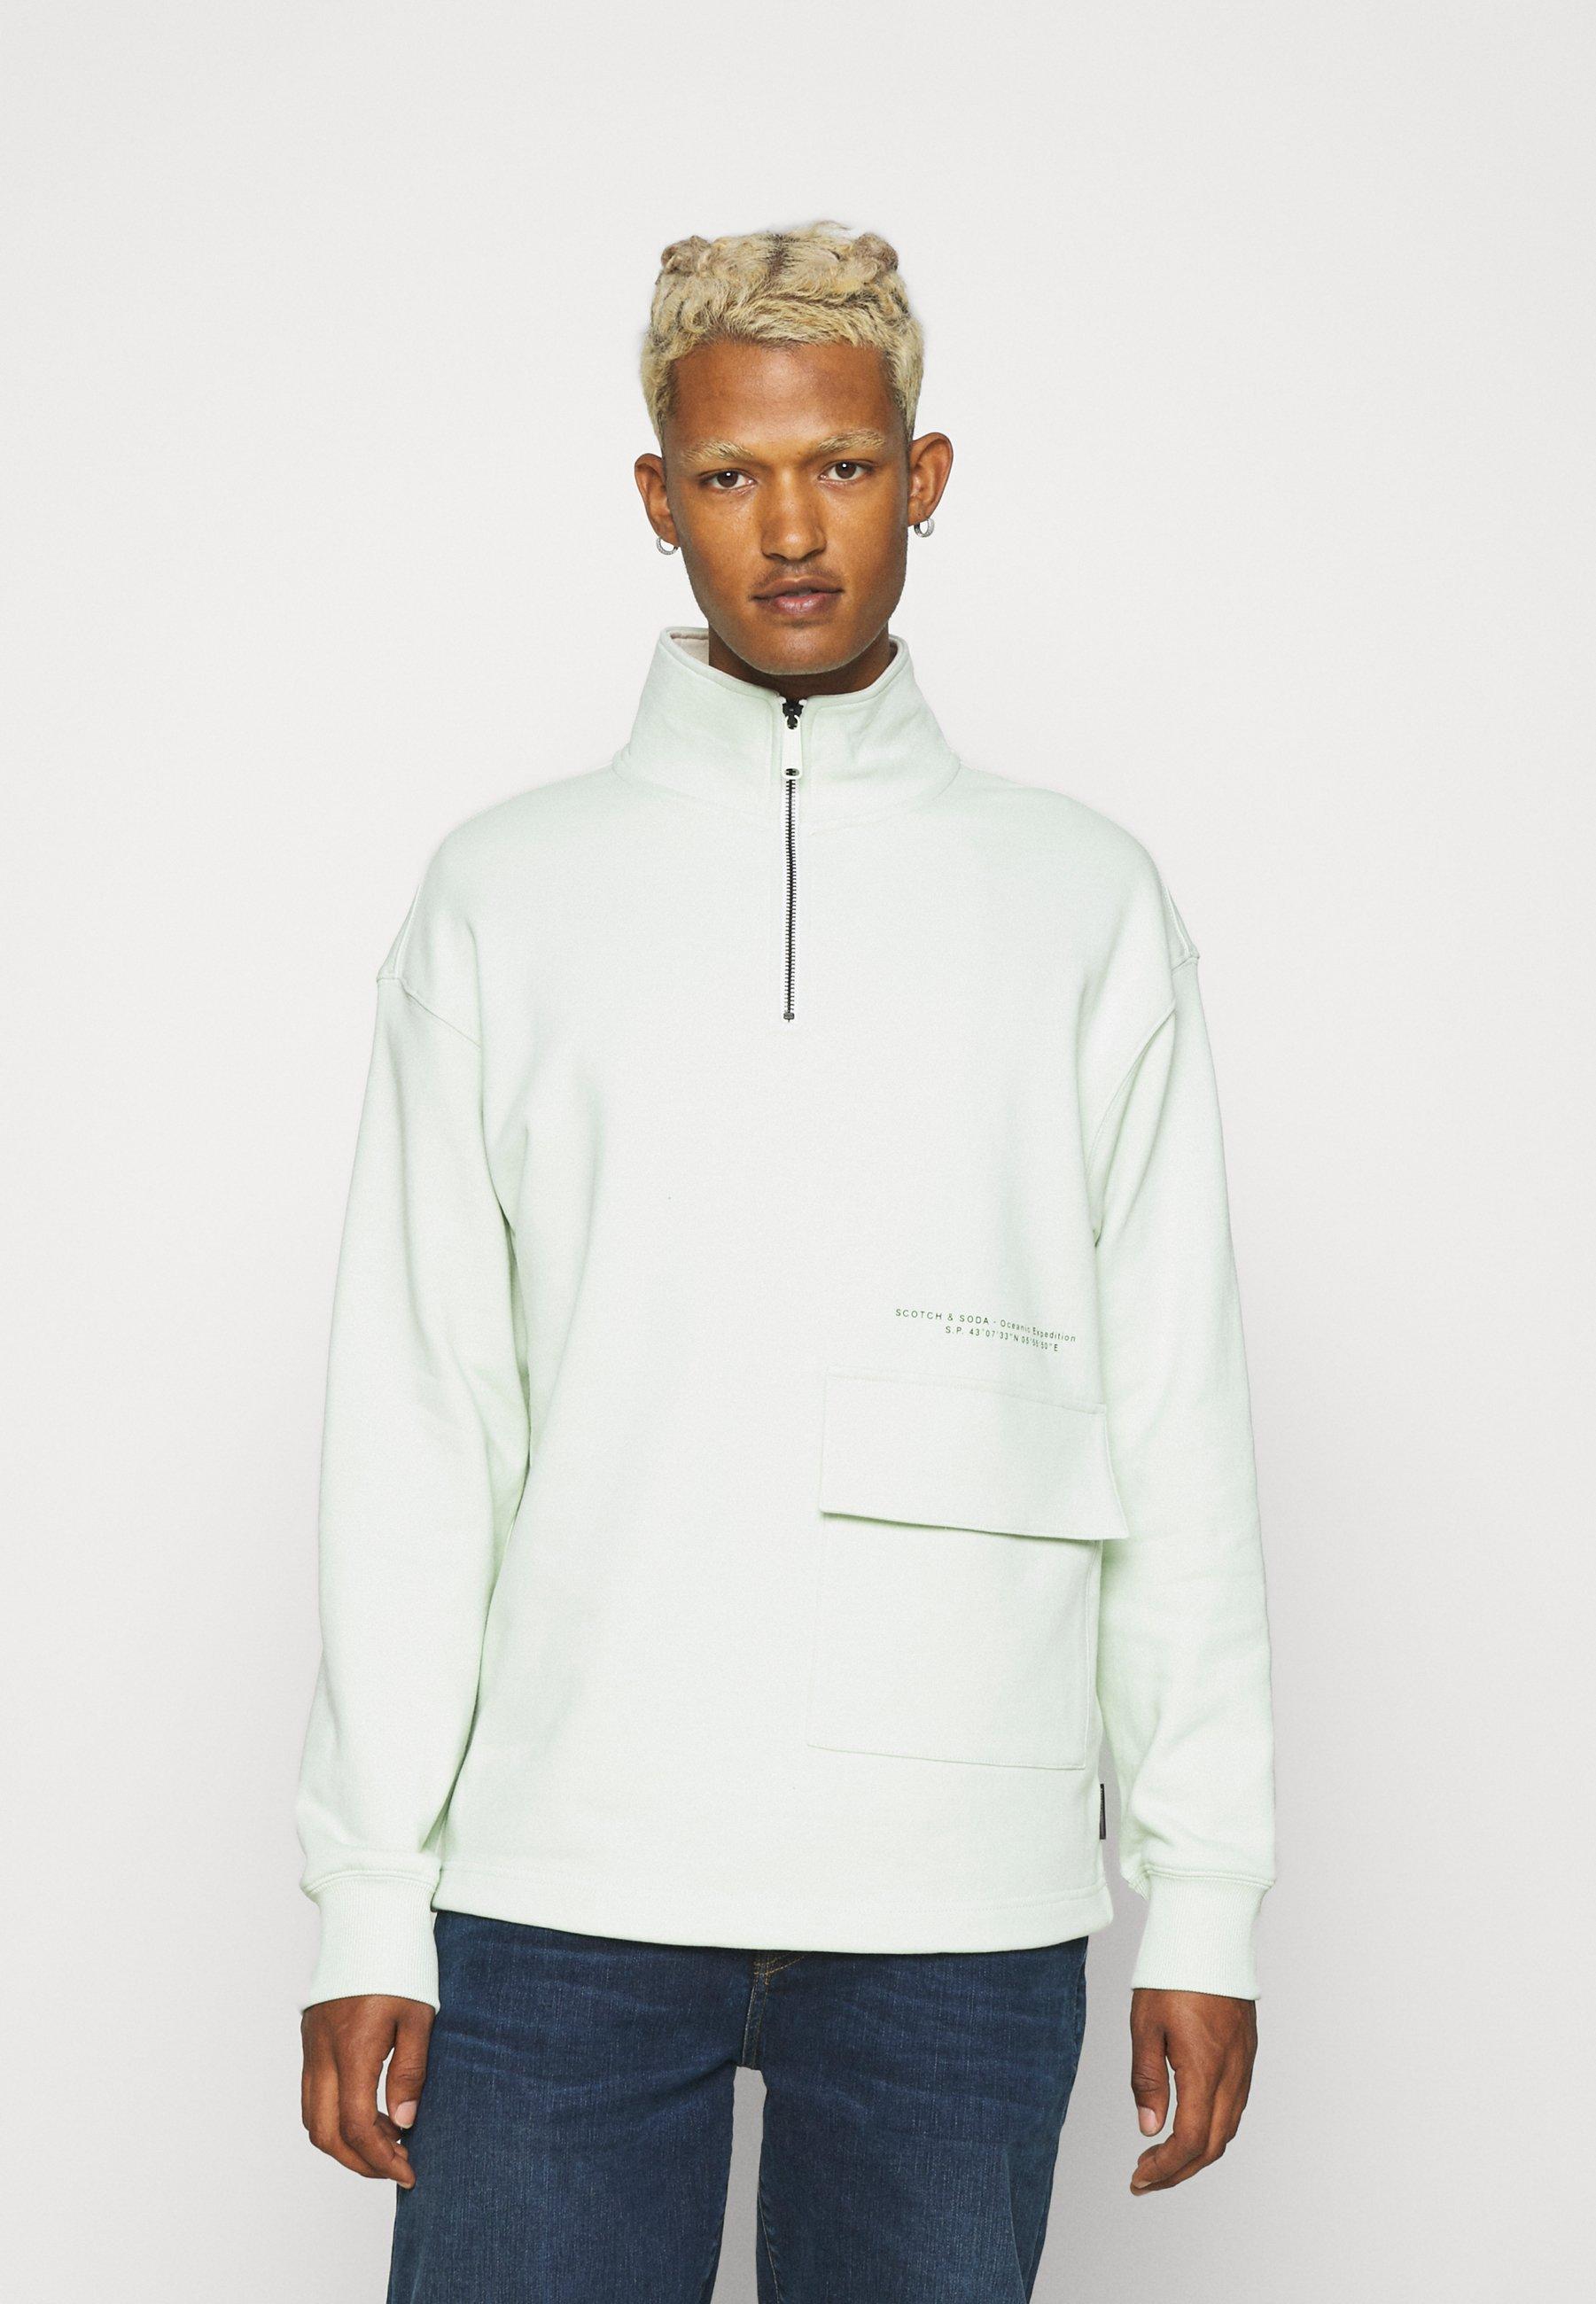 Men HALF ZIP WITH SUBTLE CONTRAST DETAILS - Sweatshirt